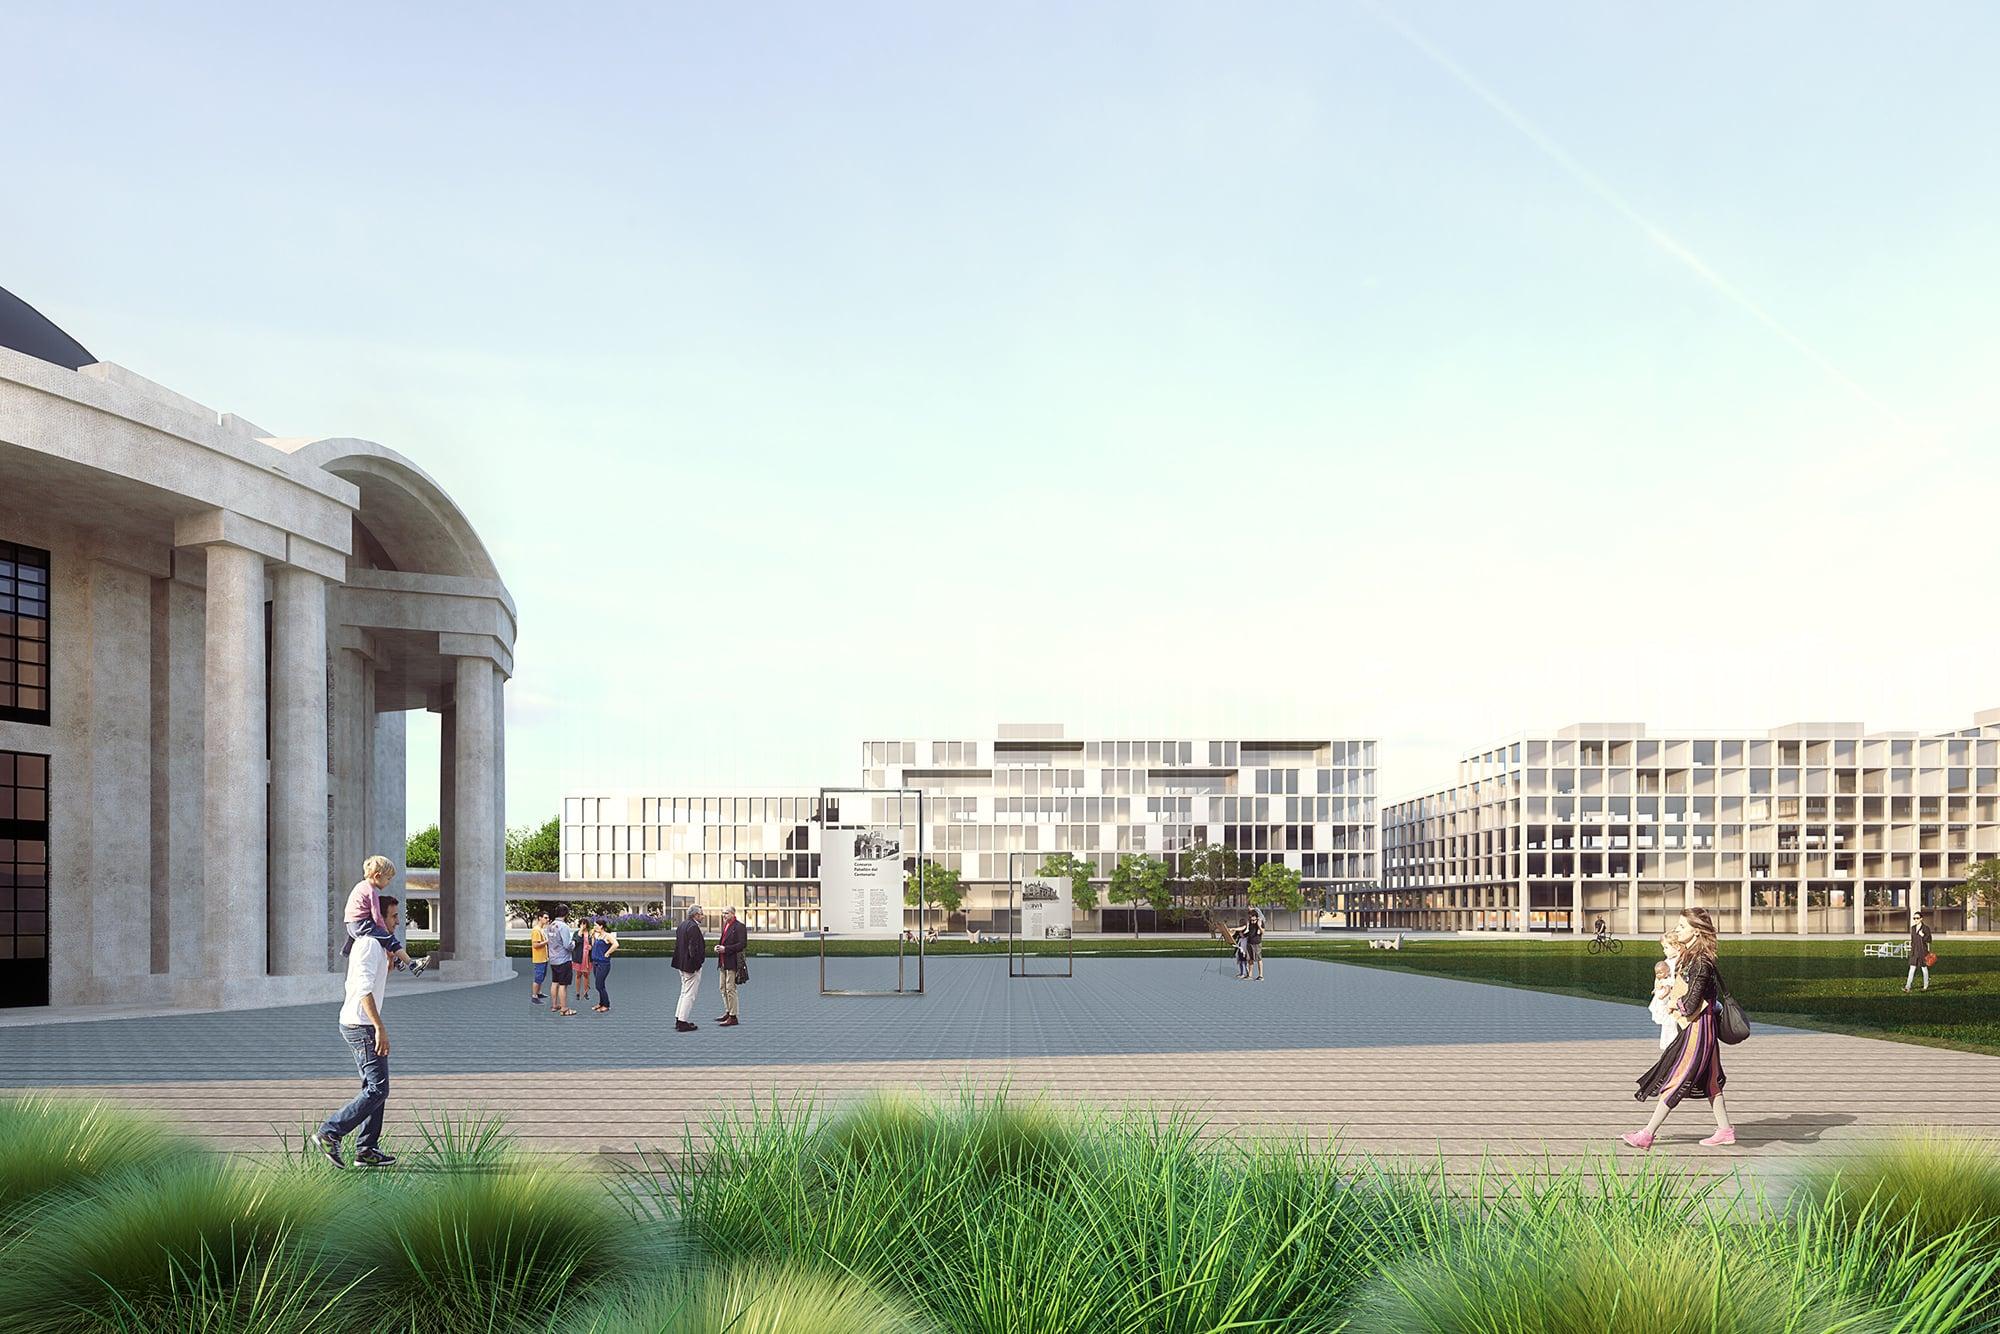 Image 3D - Centennial Pavilion, Buenos Aires